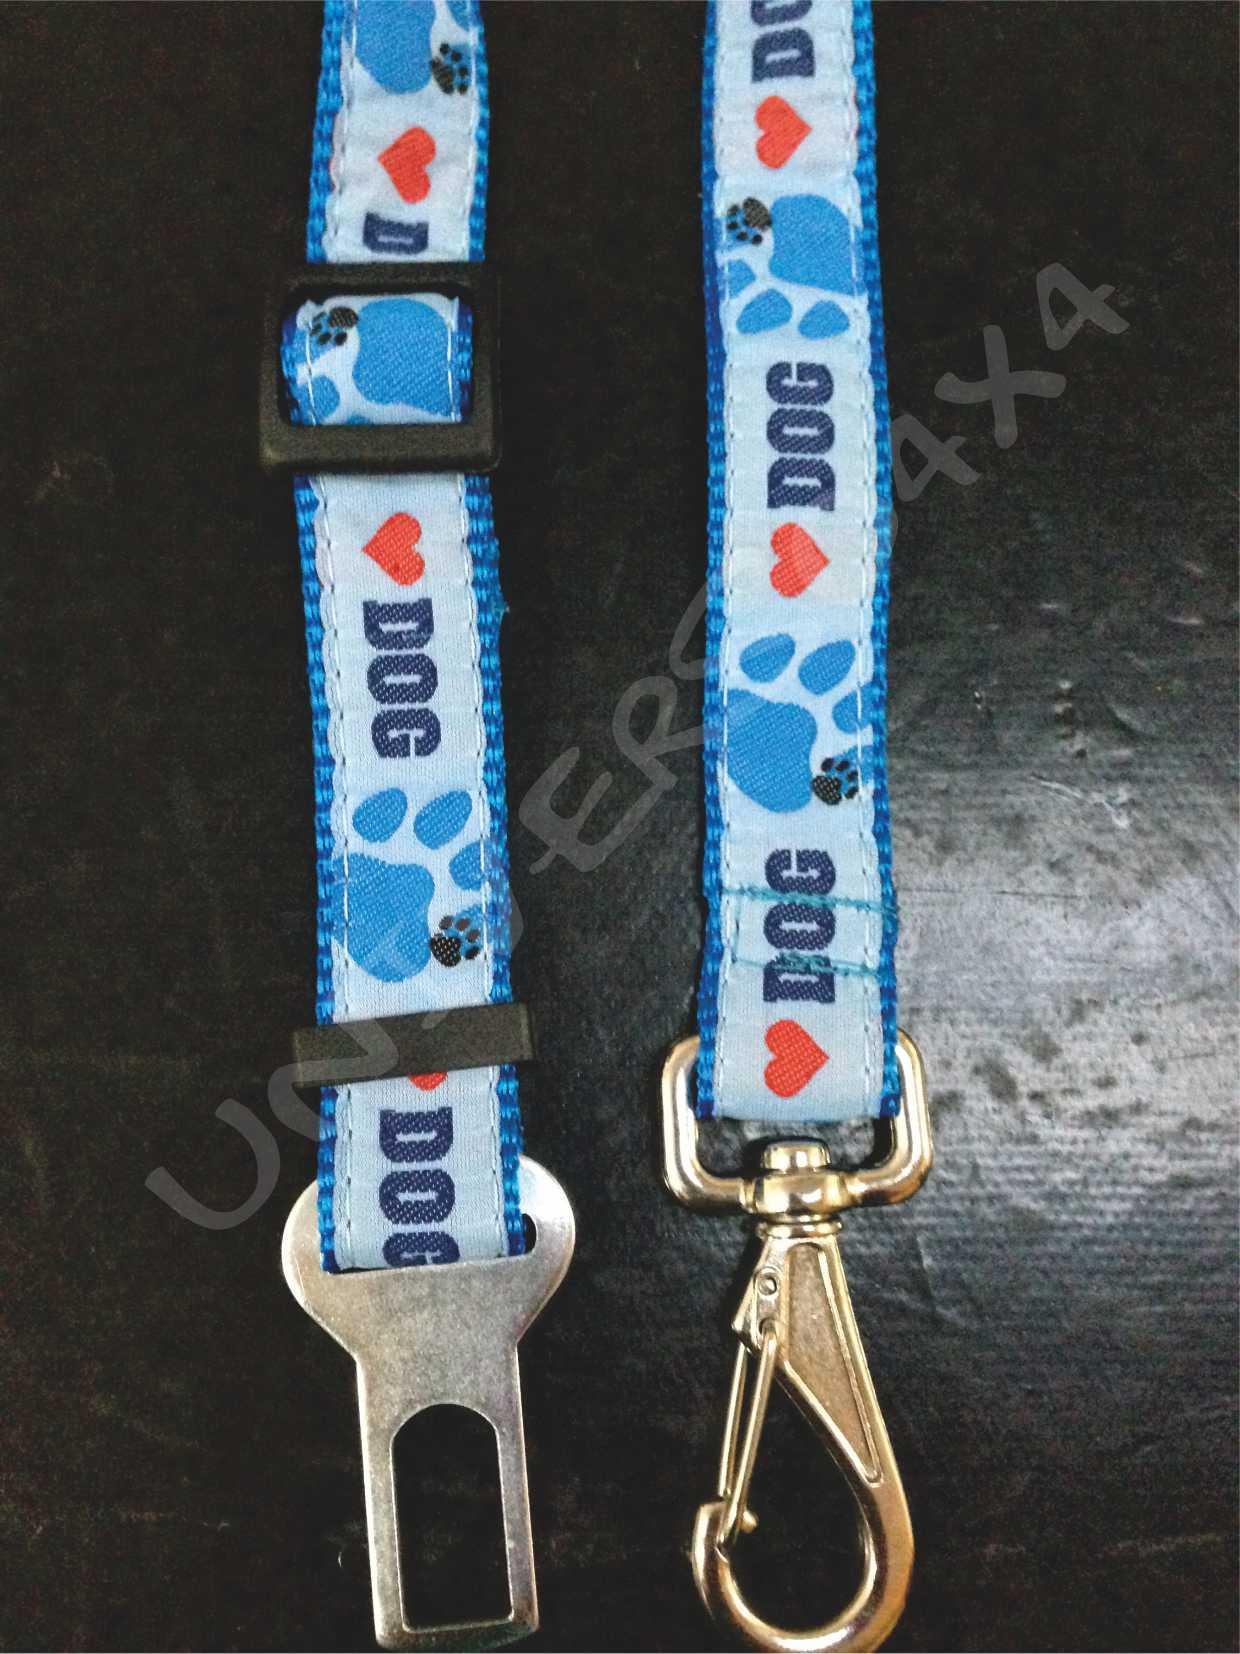 Adaptador Cinto De Segurança Cães Gatos Cachorro Ajustável 1 Metro M-190219